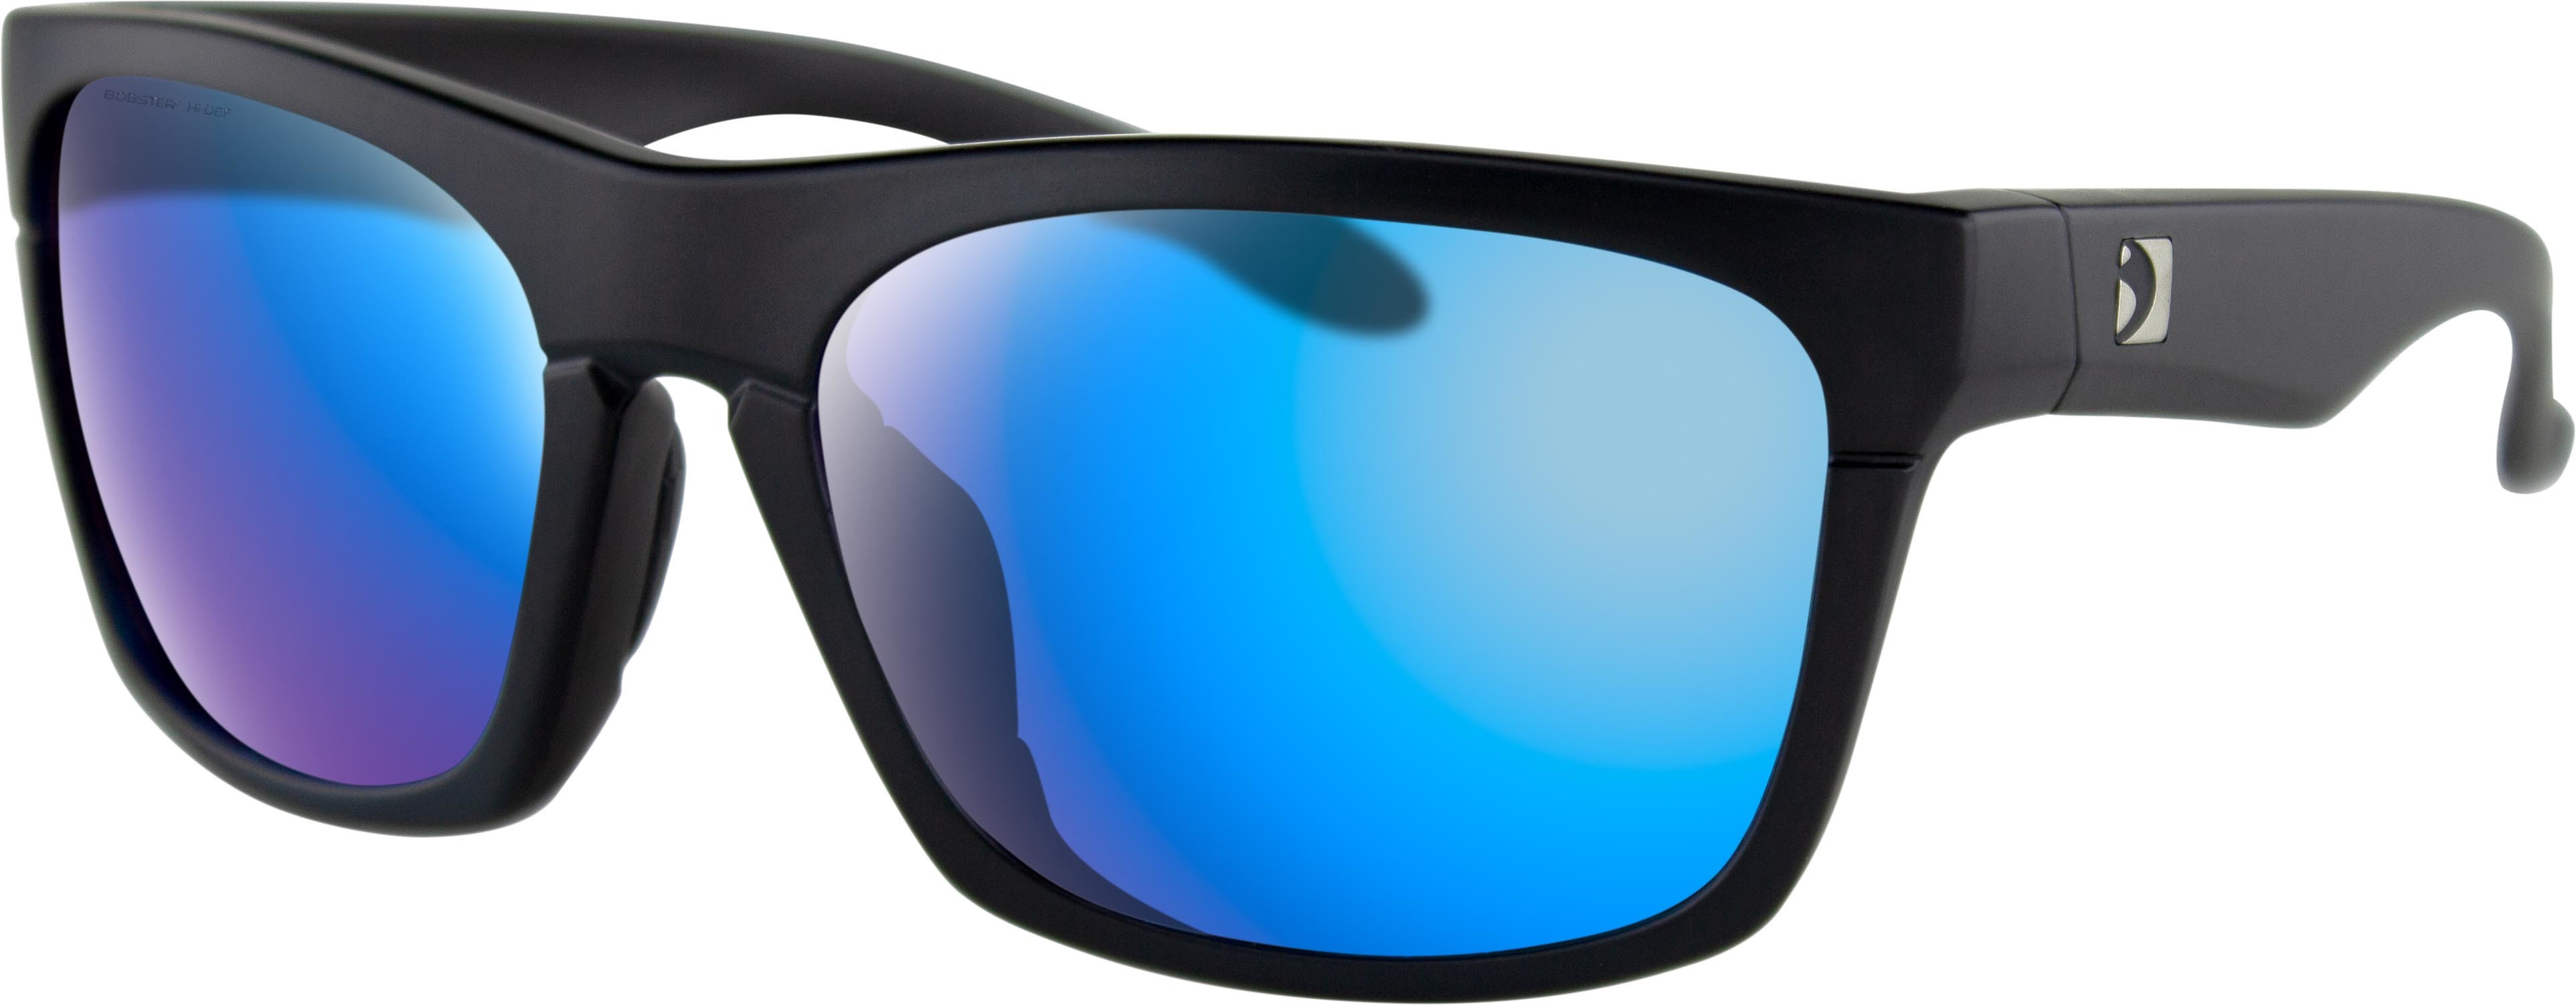 ROUTE SUNGLASSES MATTE BLACK W/PUR HD/LIGHT BLUE REVO MIRR